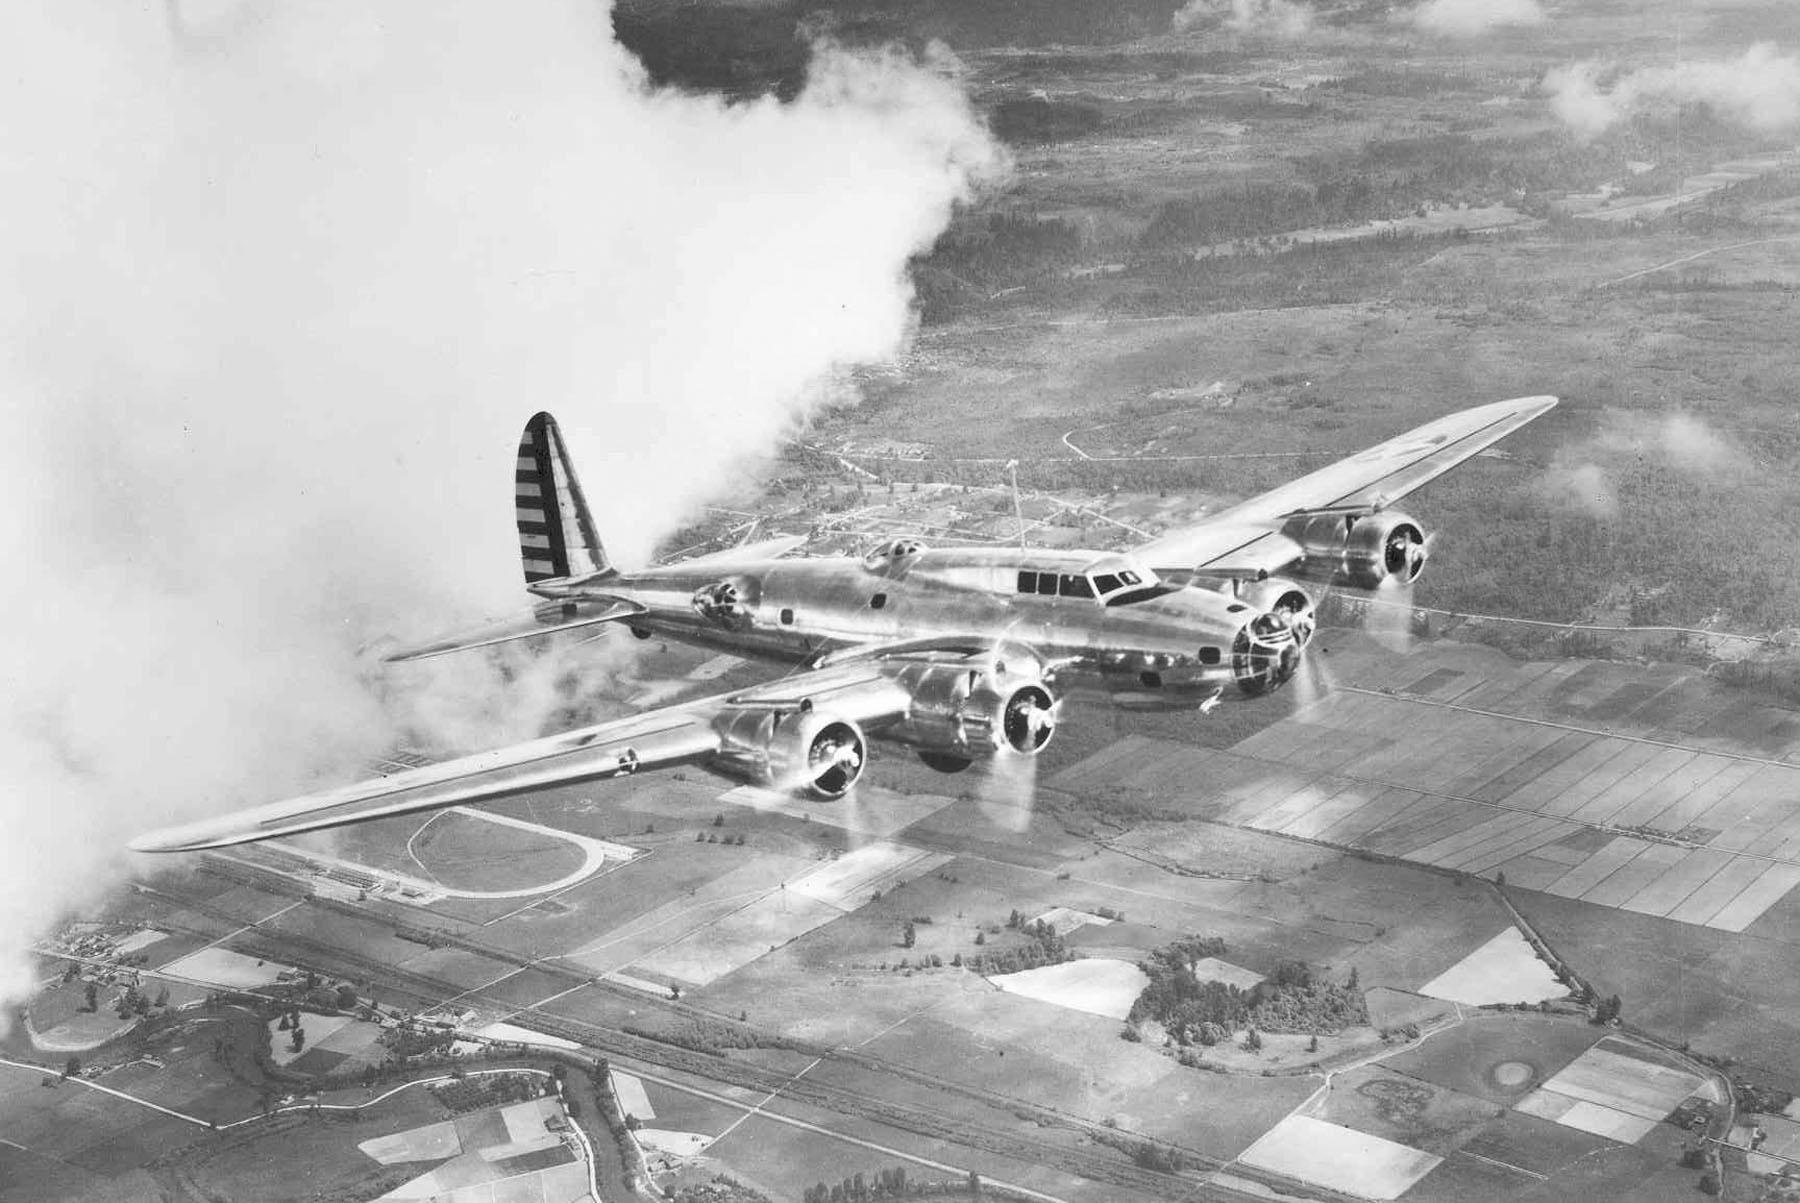 გერმანული მესერშმიტების თავდასხმა ამერიკულ ბომდამშენ B-17 ზე საჰერო შეტაკების ამსხავლი დოკუმენტური ვიდეო.